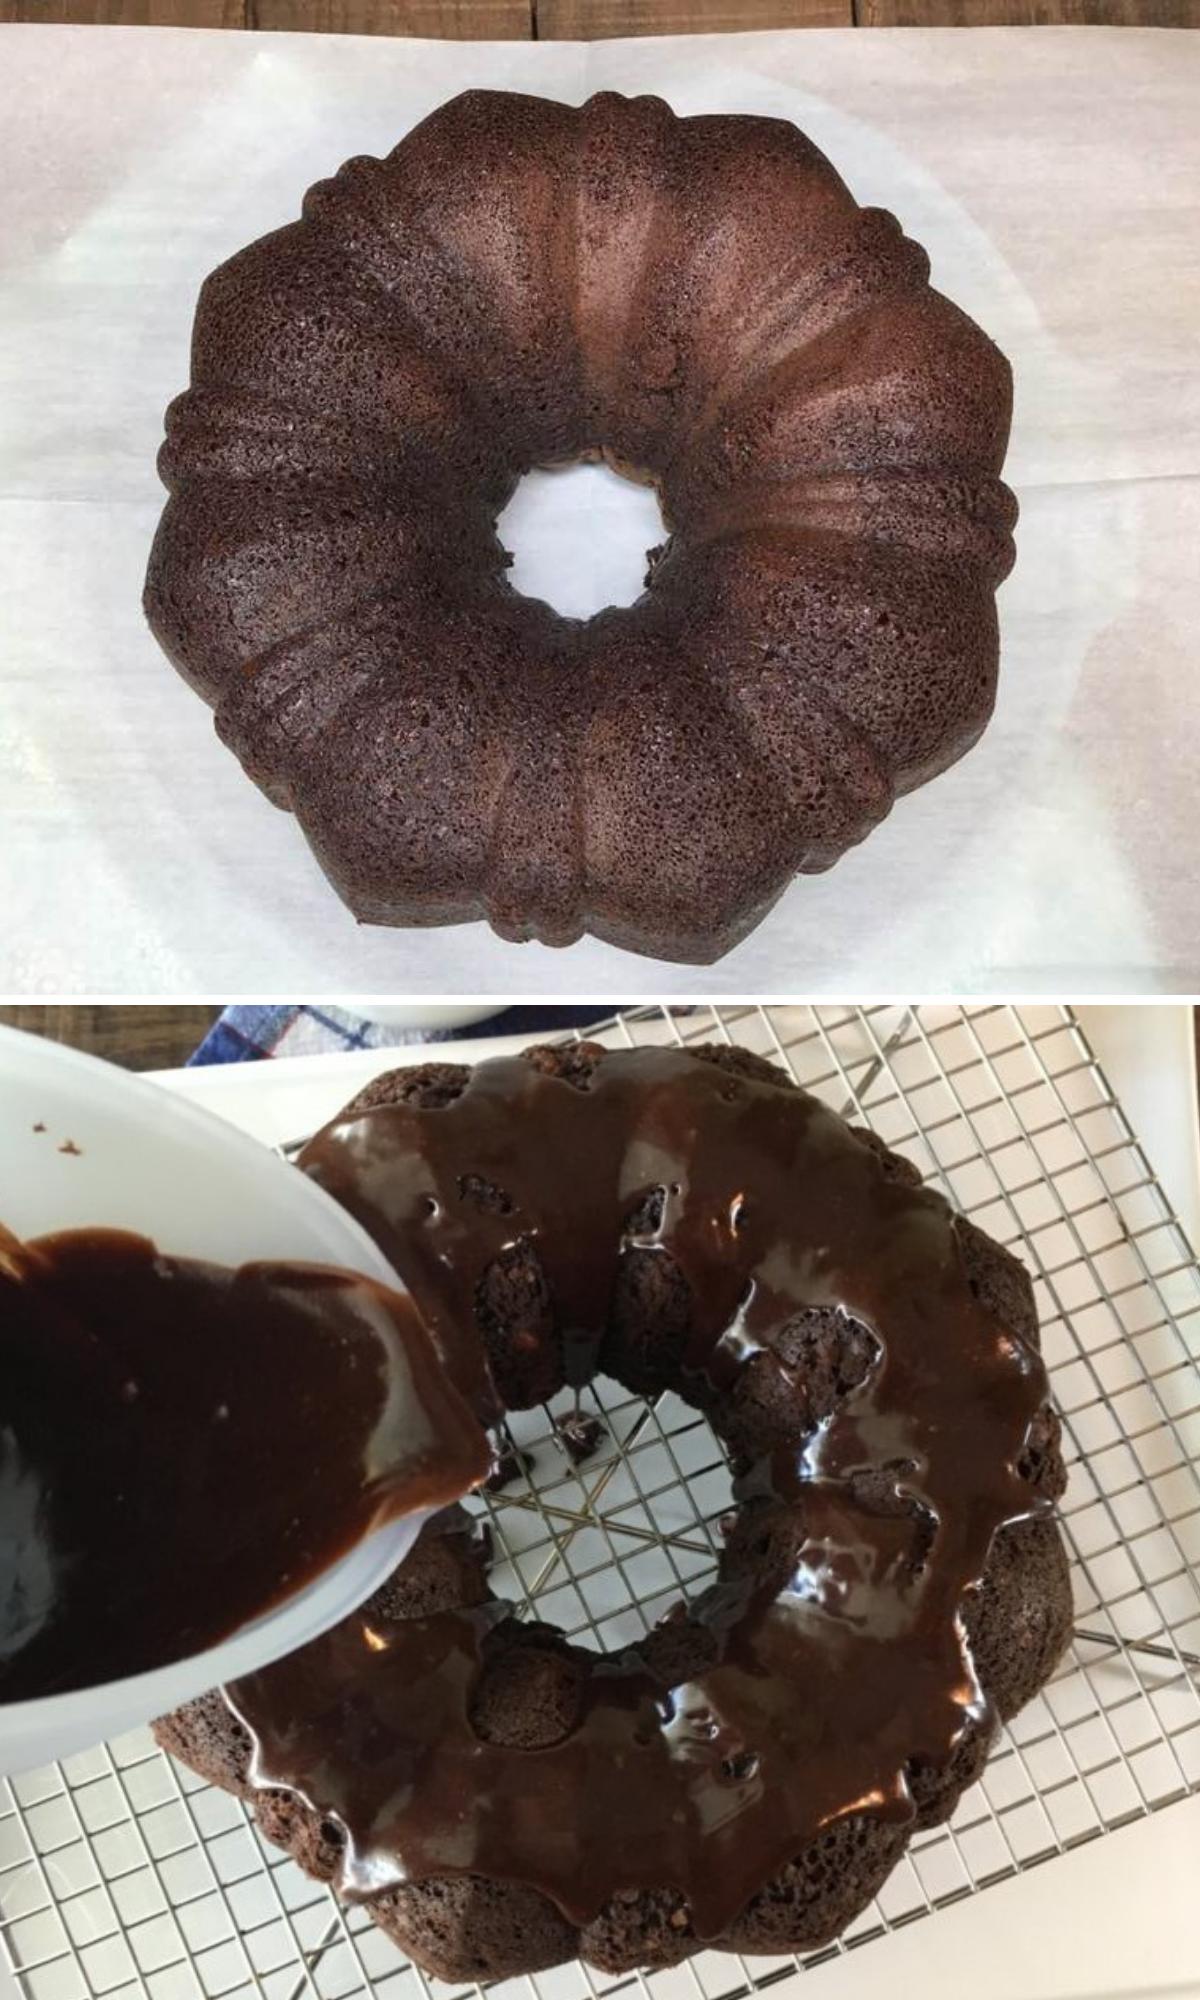 Chocolate cake and glaze.